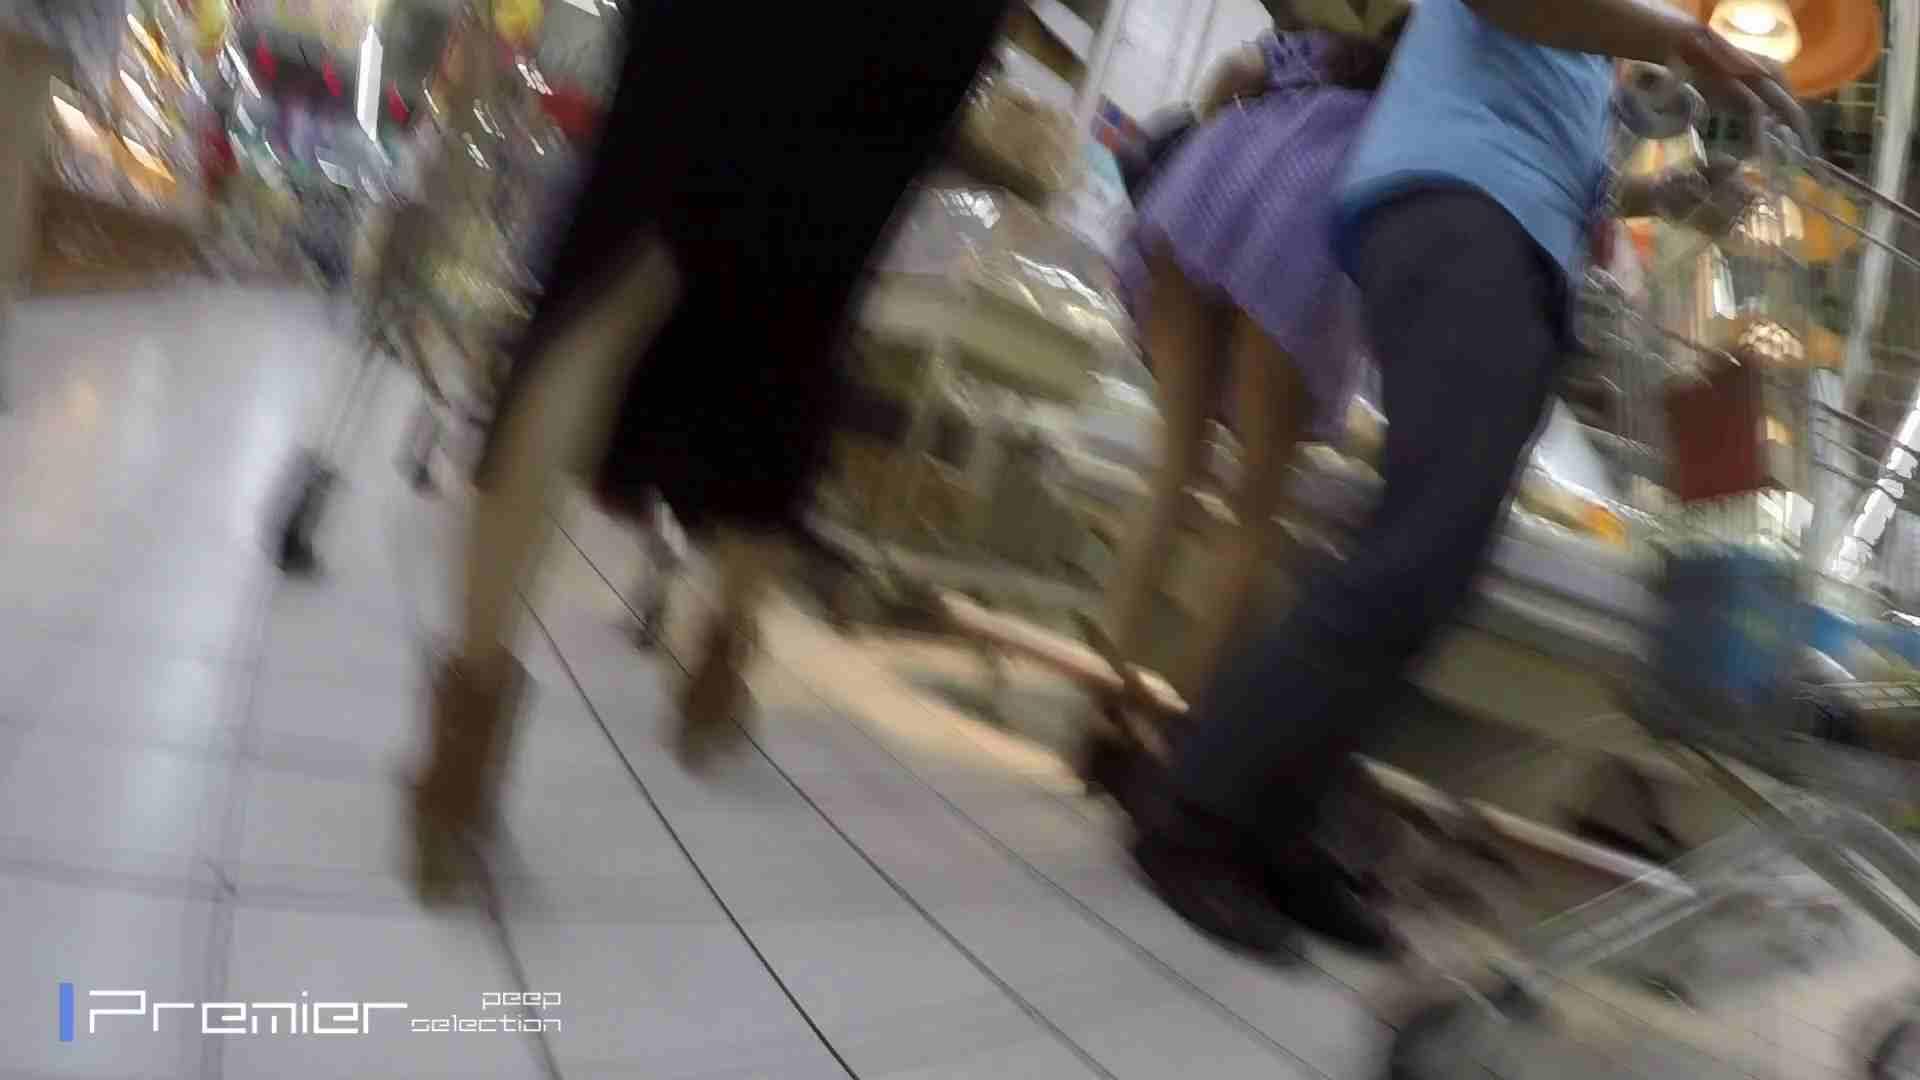 美女の下半身を粘着撮り!卑猥なパンチラ Vol.05 美肌 ワレメ無修正動画無料 105枚 60